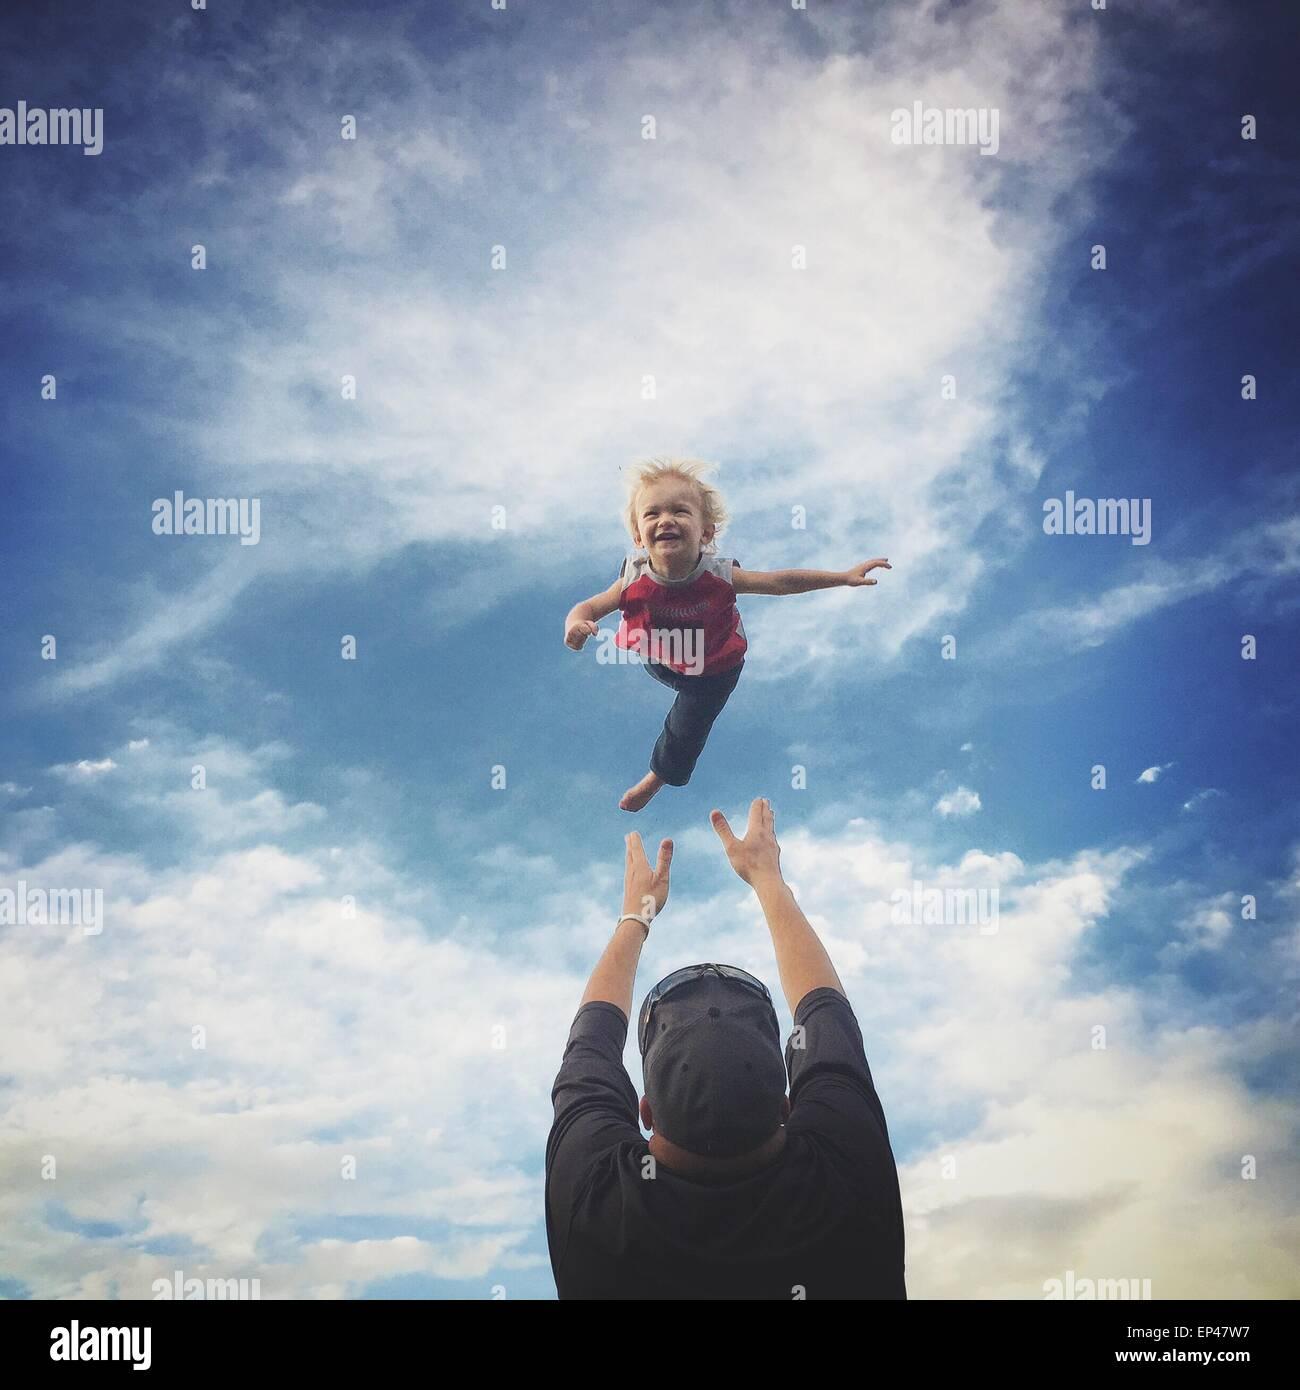 Vater seinen Sohn in die Luft werfen Stockbild